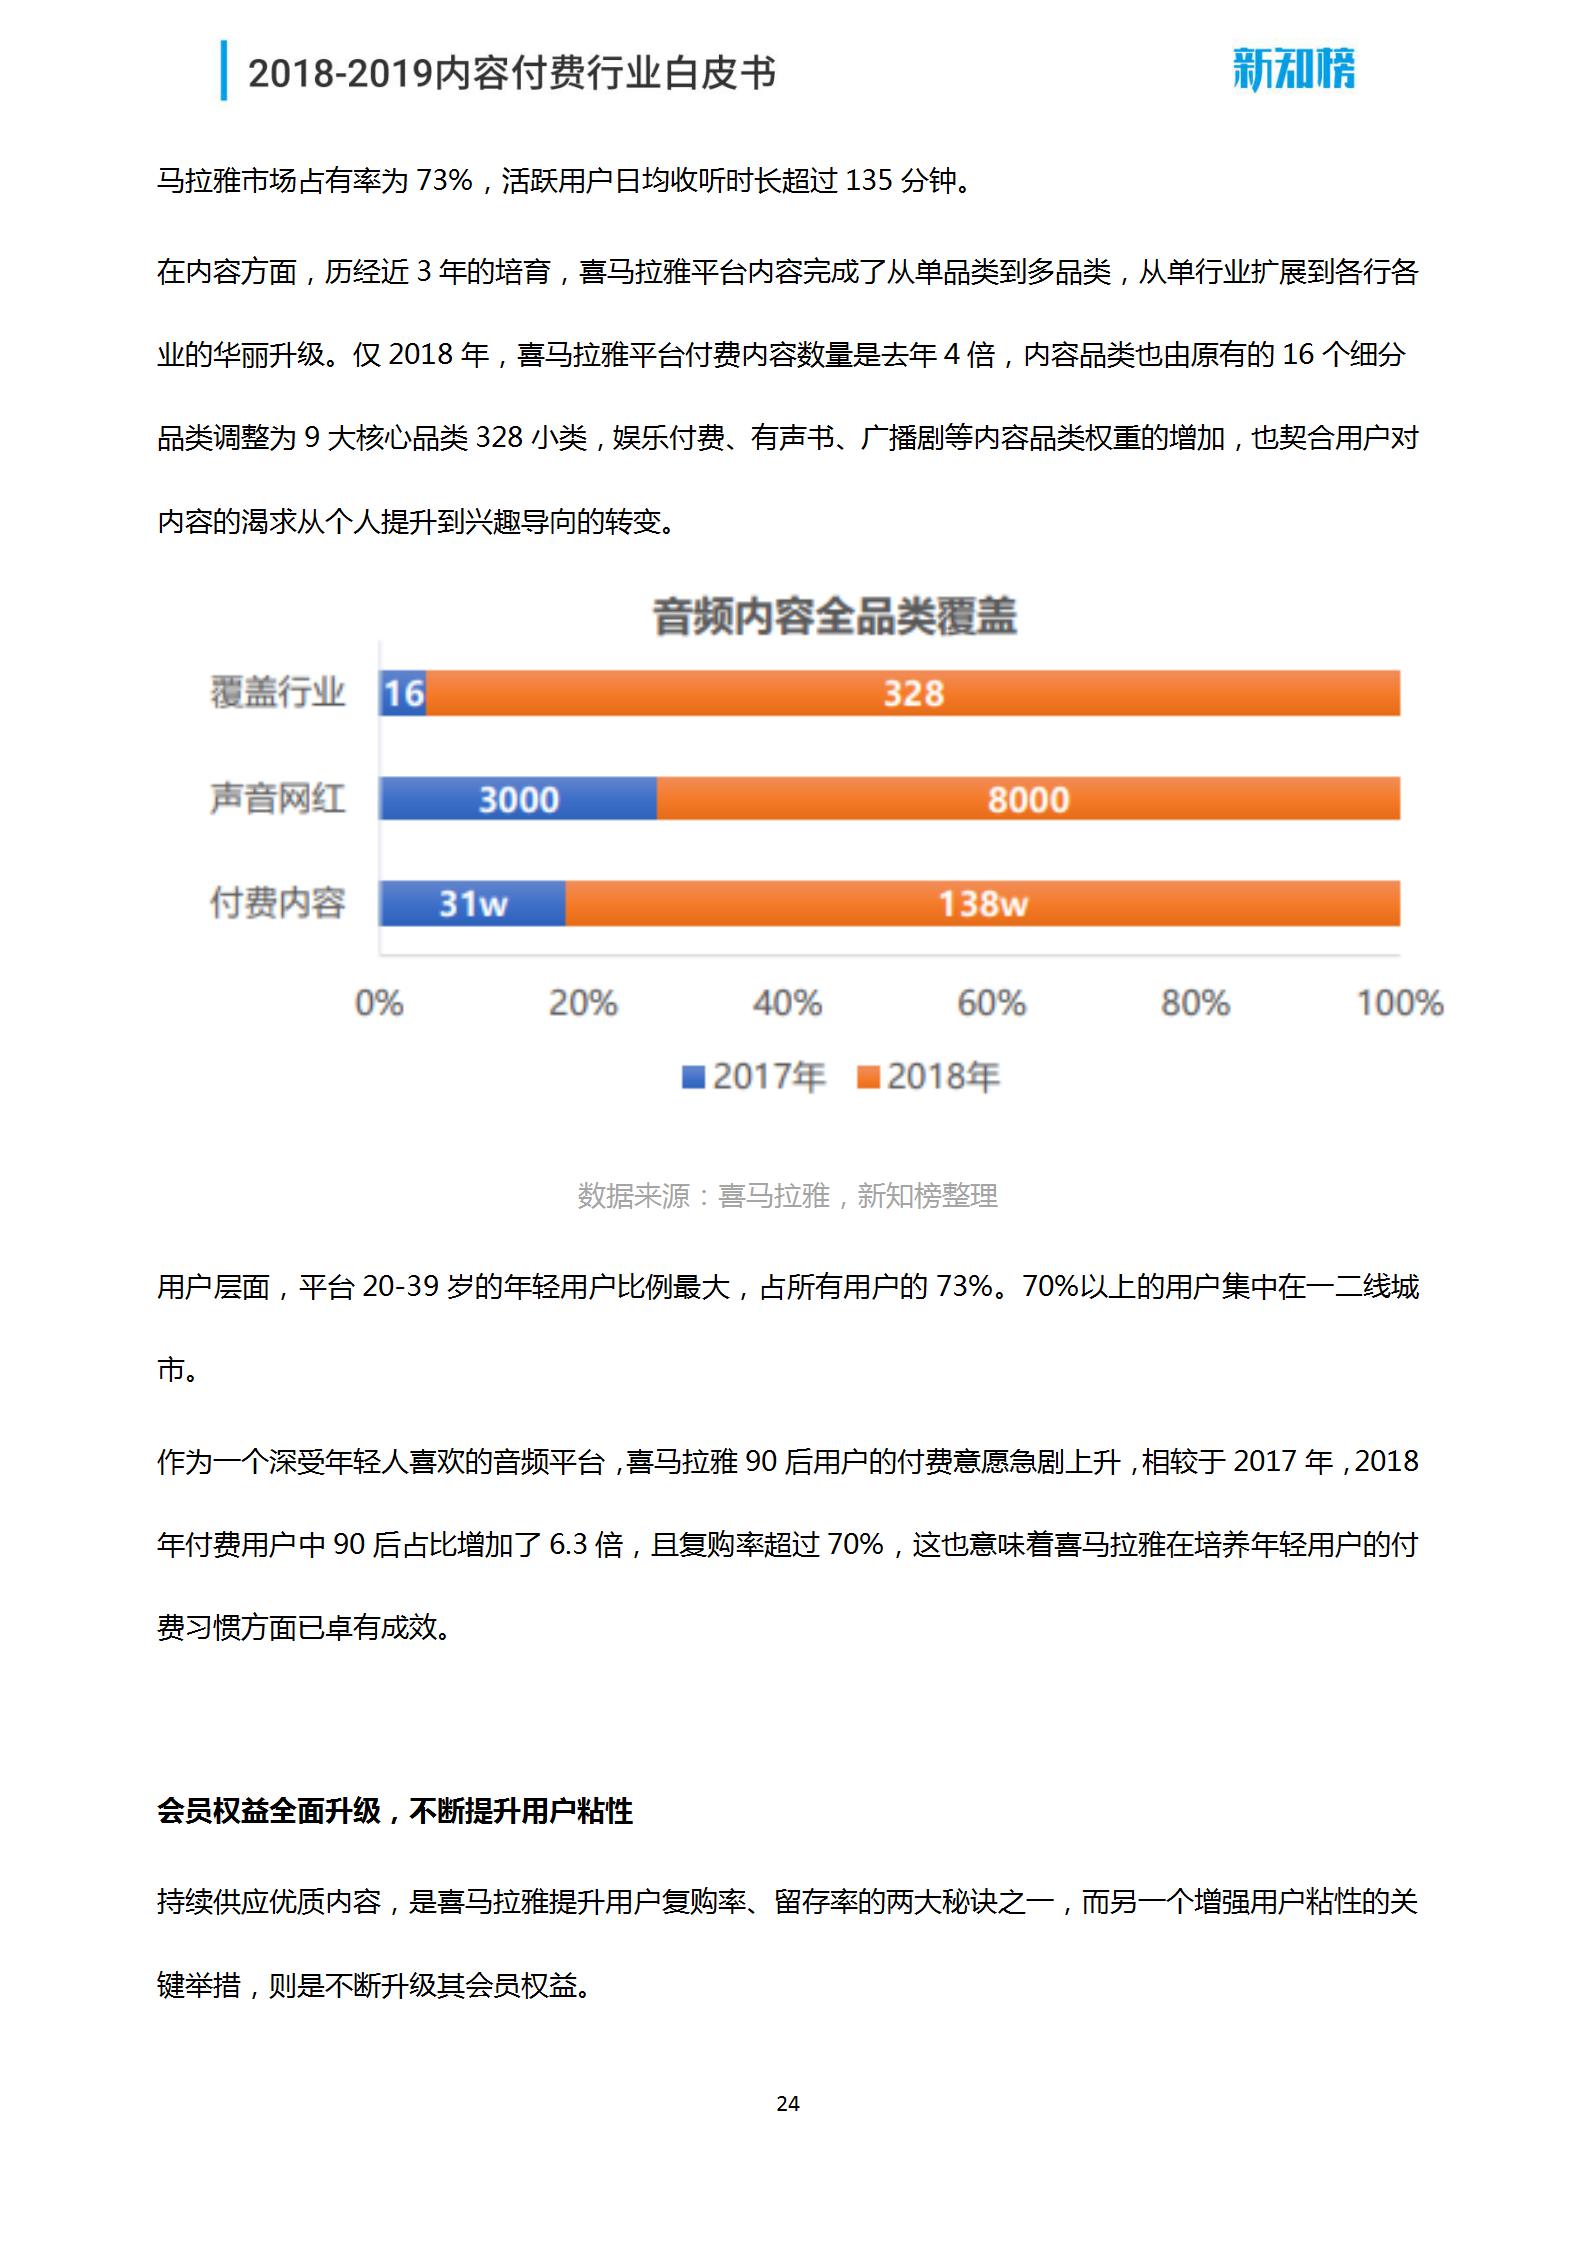 新知榜2018-2019内容付费行业白皮书_24.png